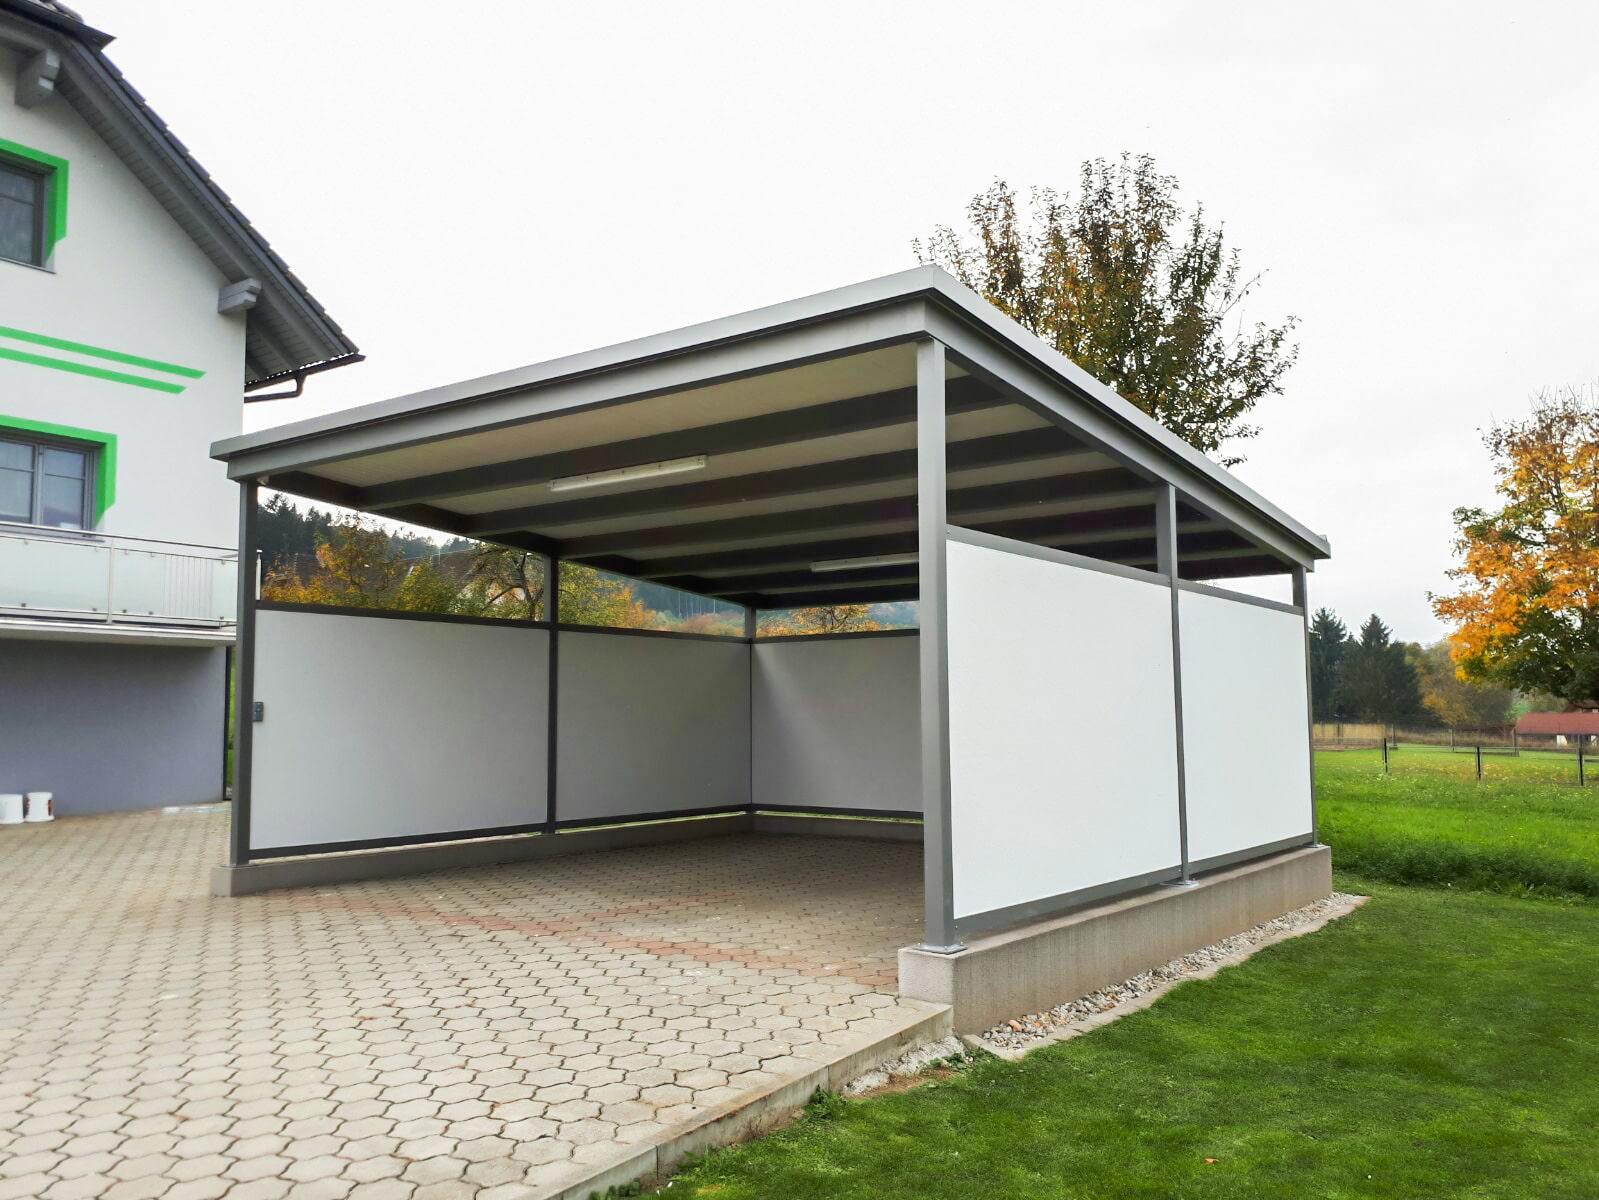 Carport 23 a   weiß-grau mit Vollblech-Seitenverkleidung   Svoboda Metalltechnik